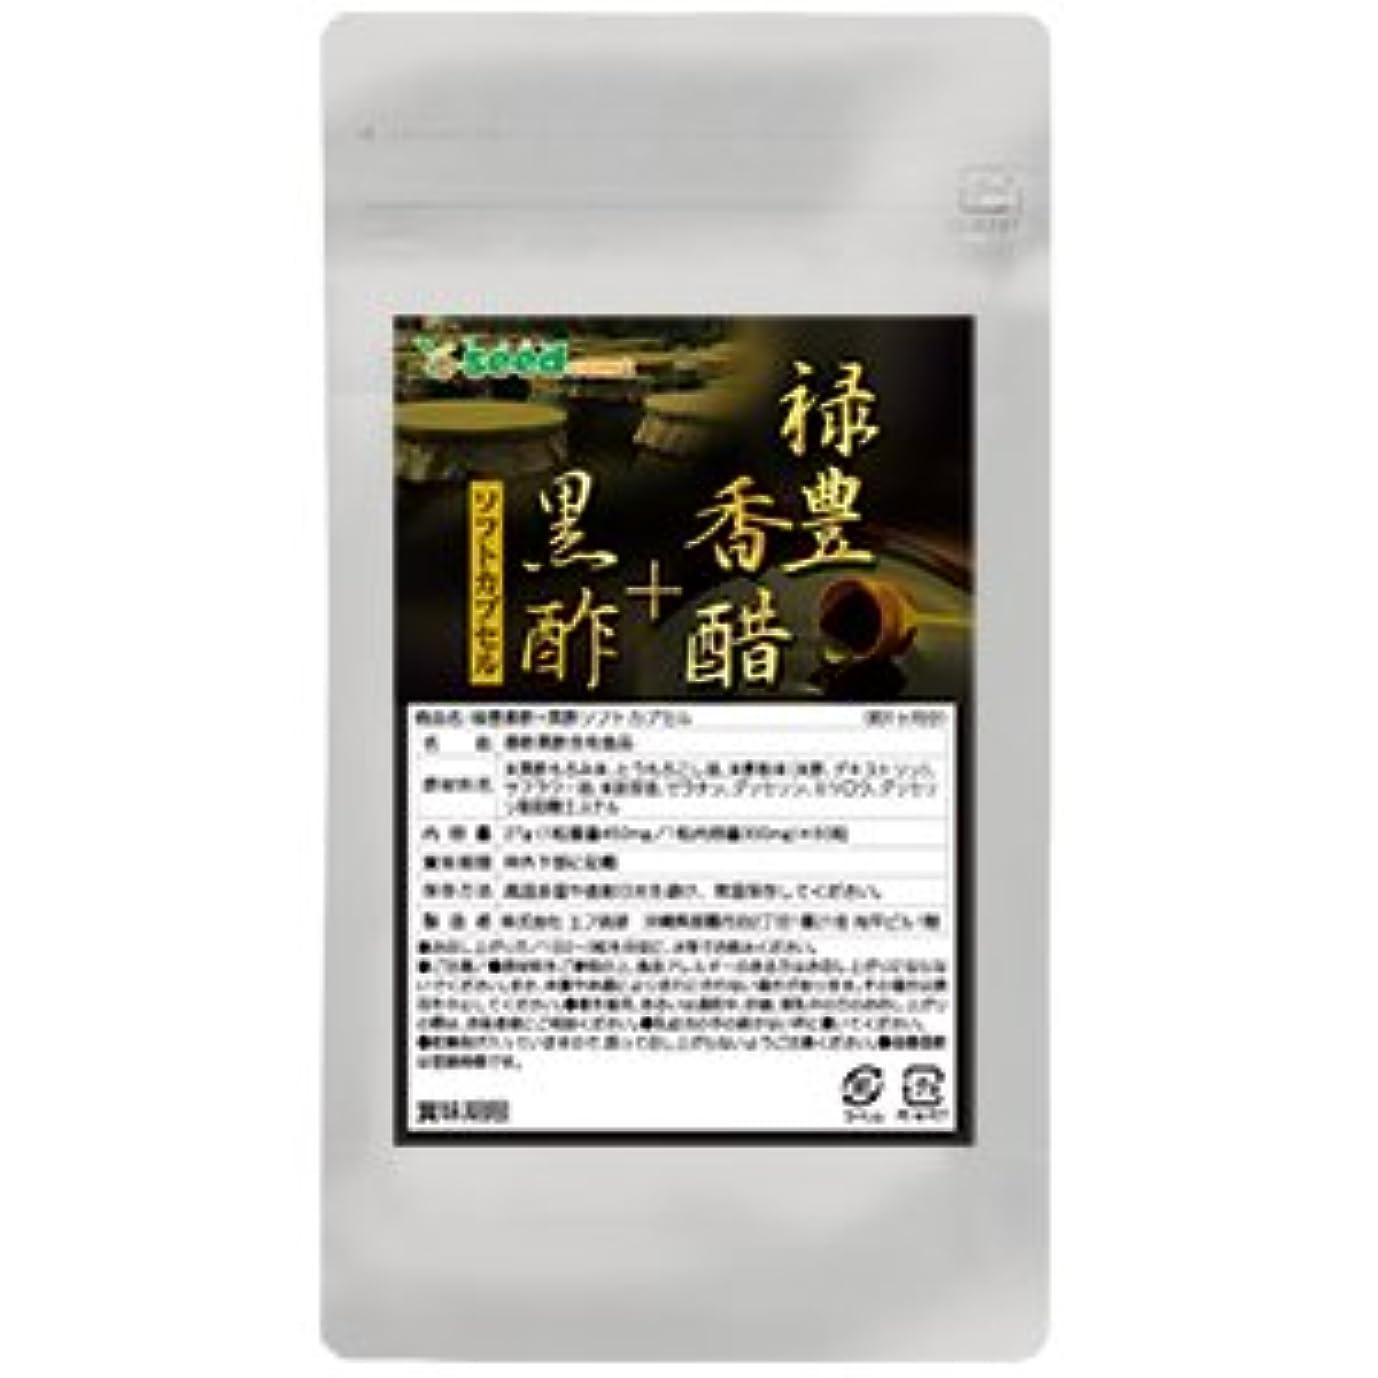 区別するはがきインフルエンザ禄豊 香酢 + 黒酢 ソフトカプセル (約3ヶ月分/180粒)